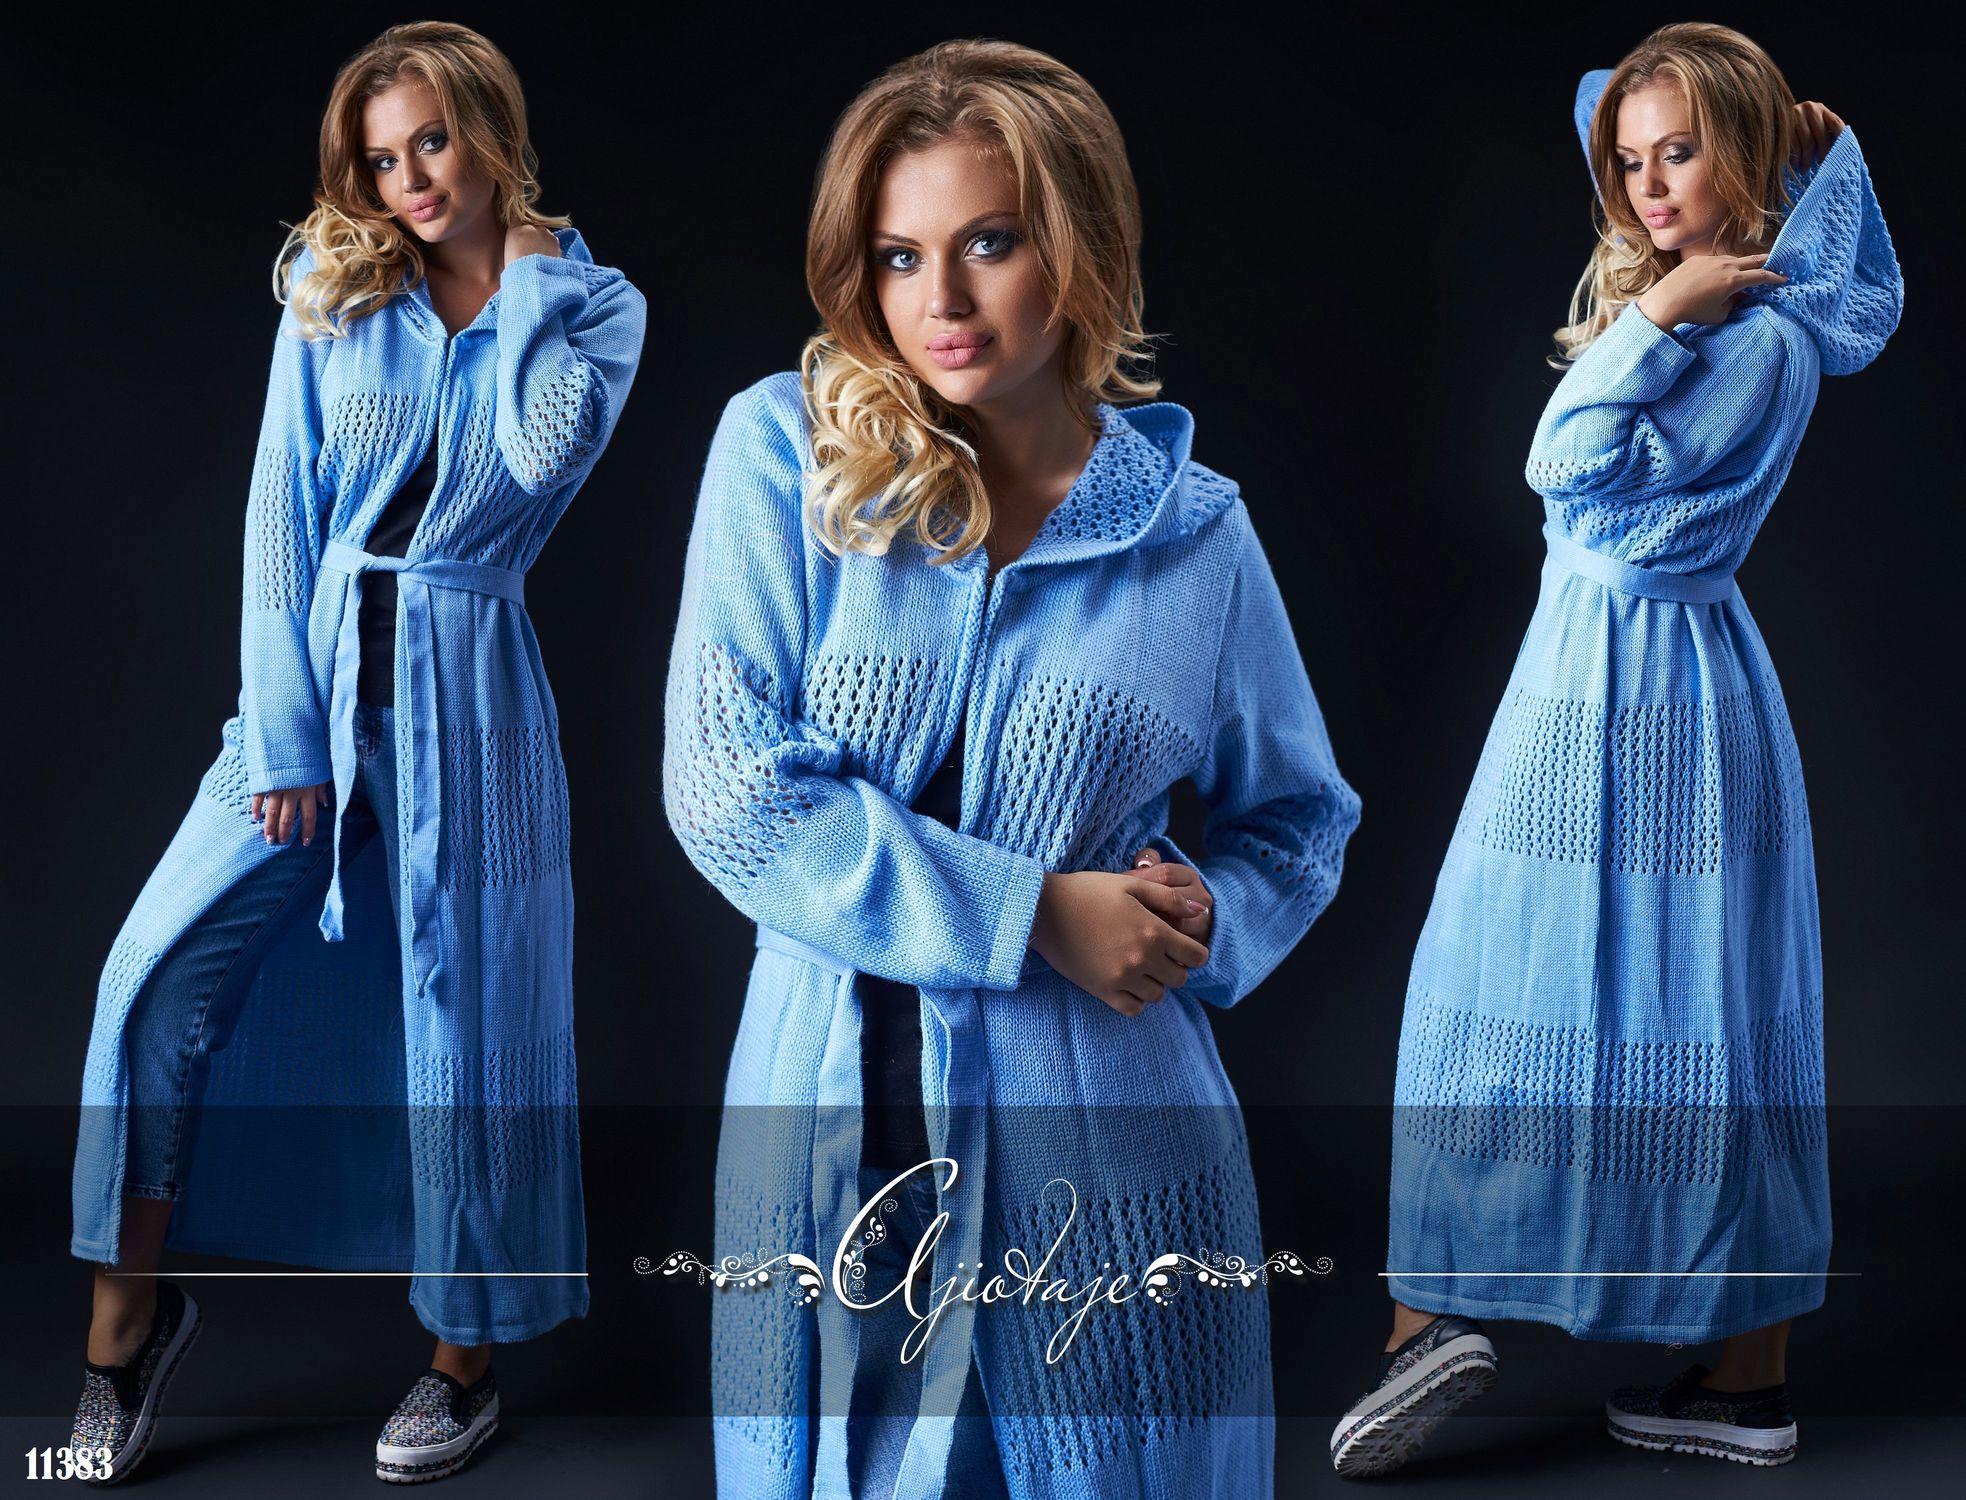 04c16fef5deb59 Купити жіночий одяг в інтернет магазині недорого